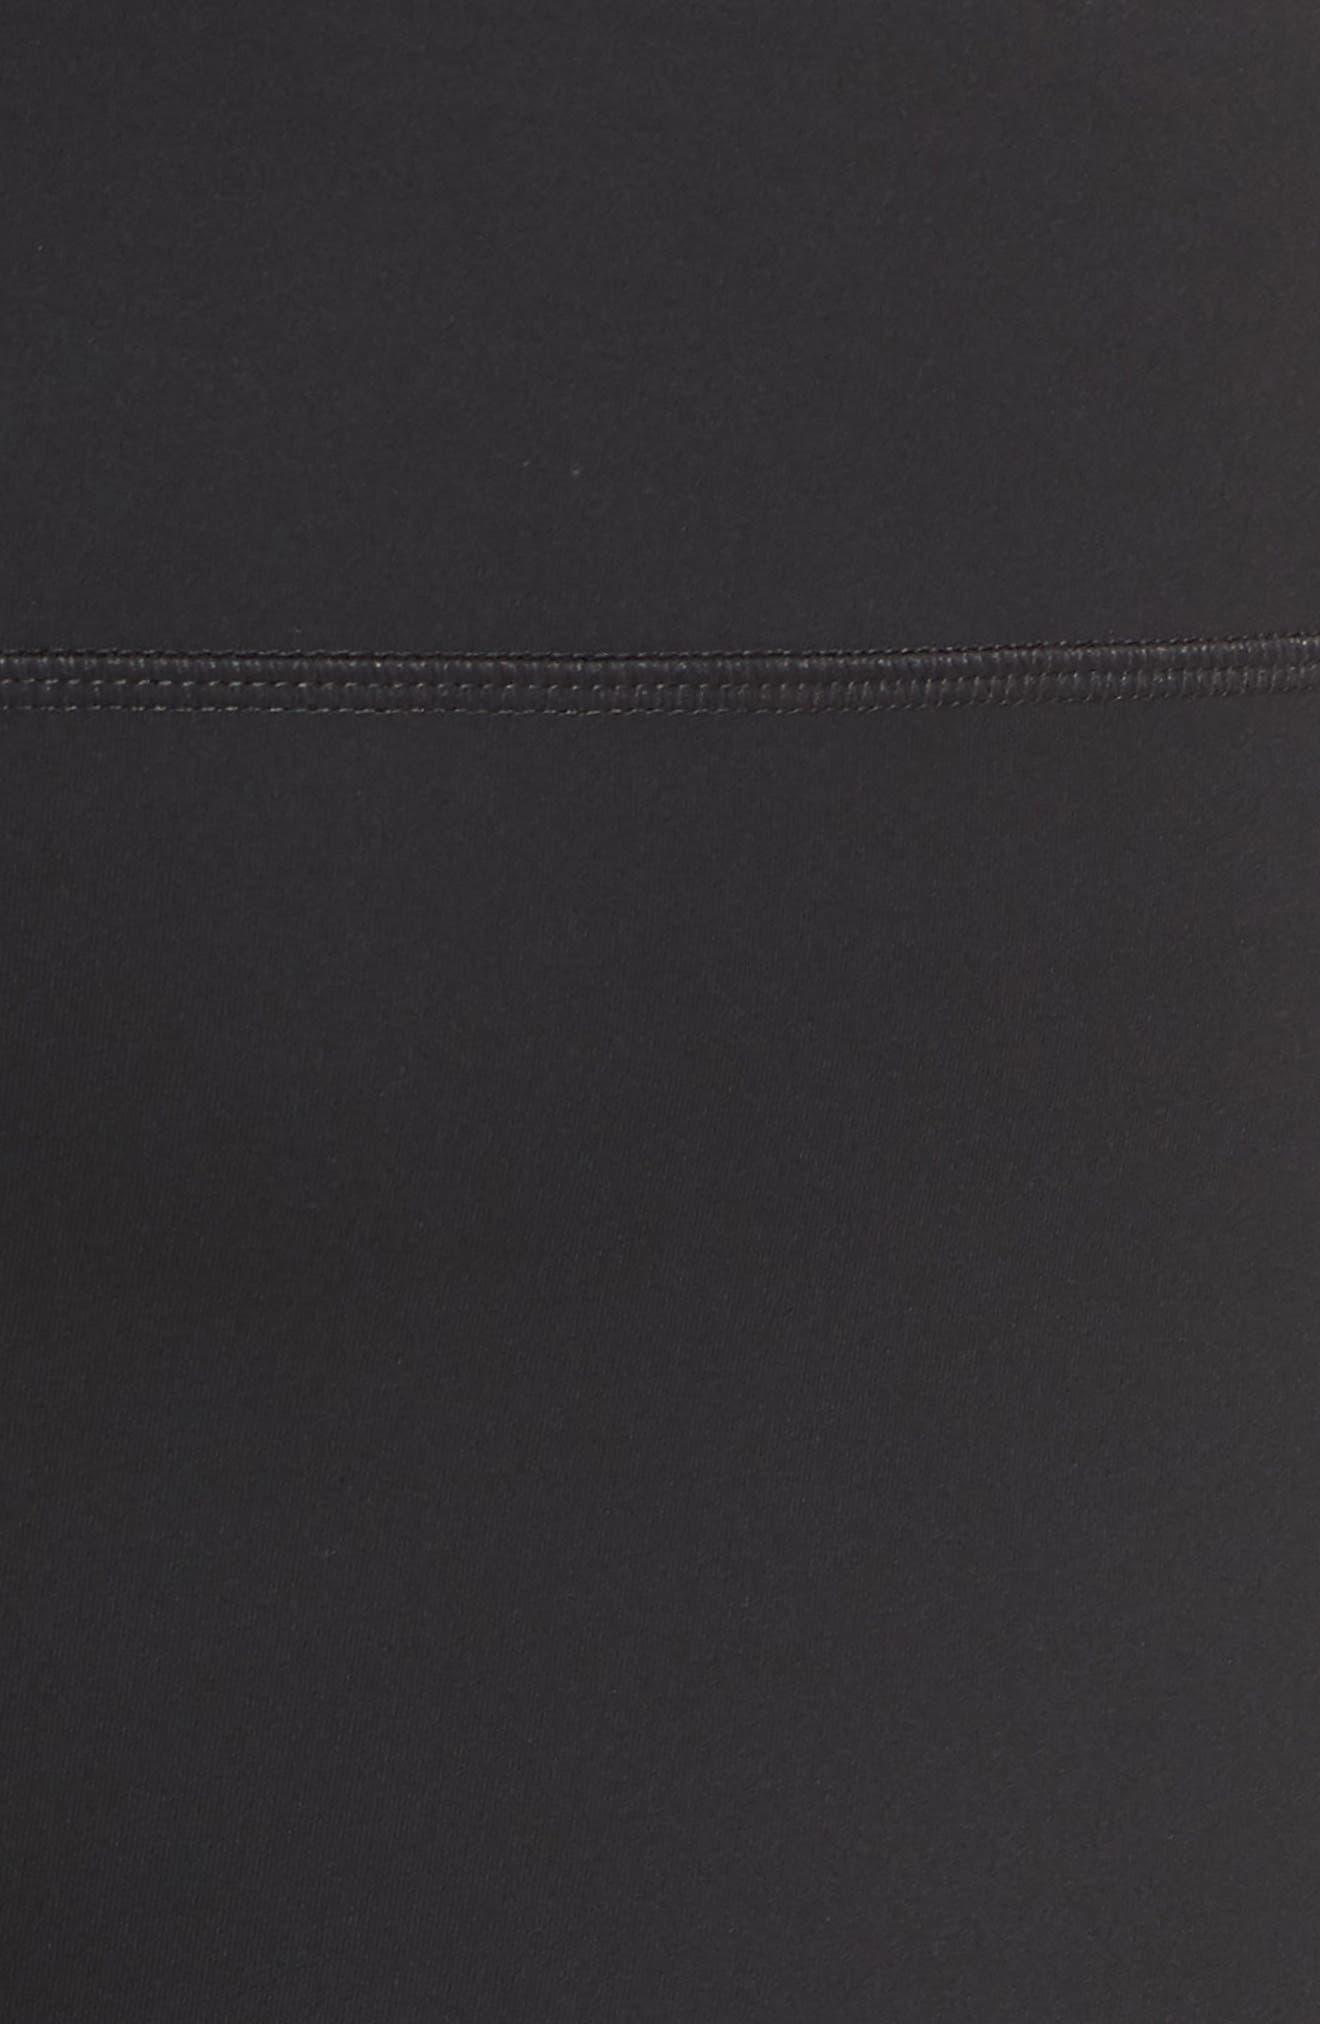 High Waist Full Length Leggings,                             Alternate thumbnail 12, color,                             BLACK